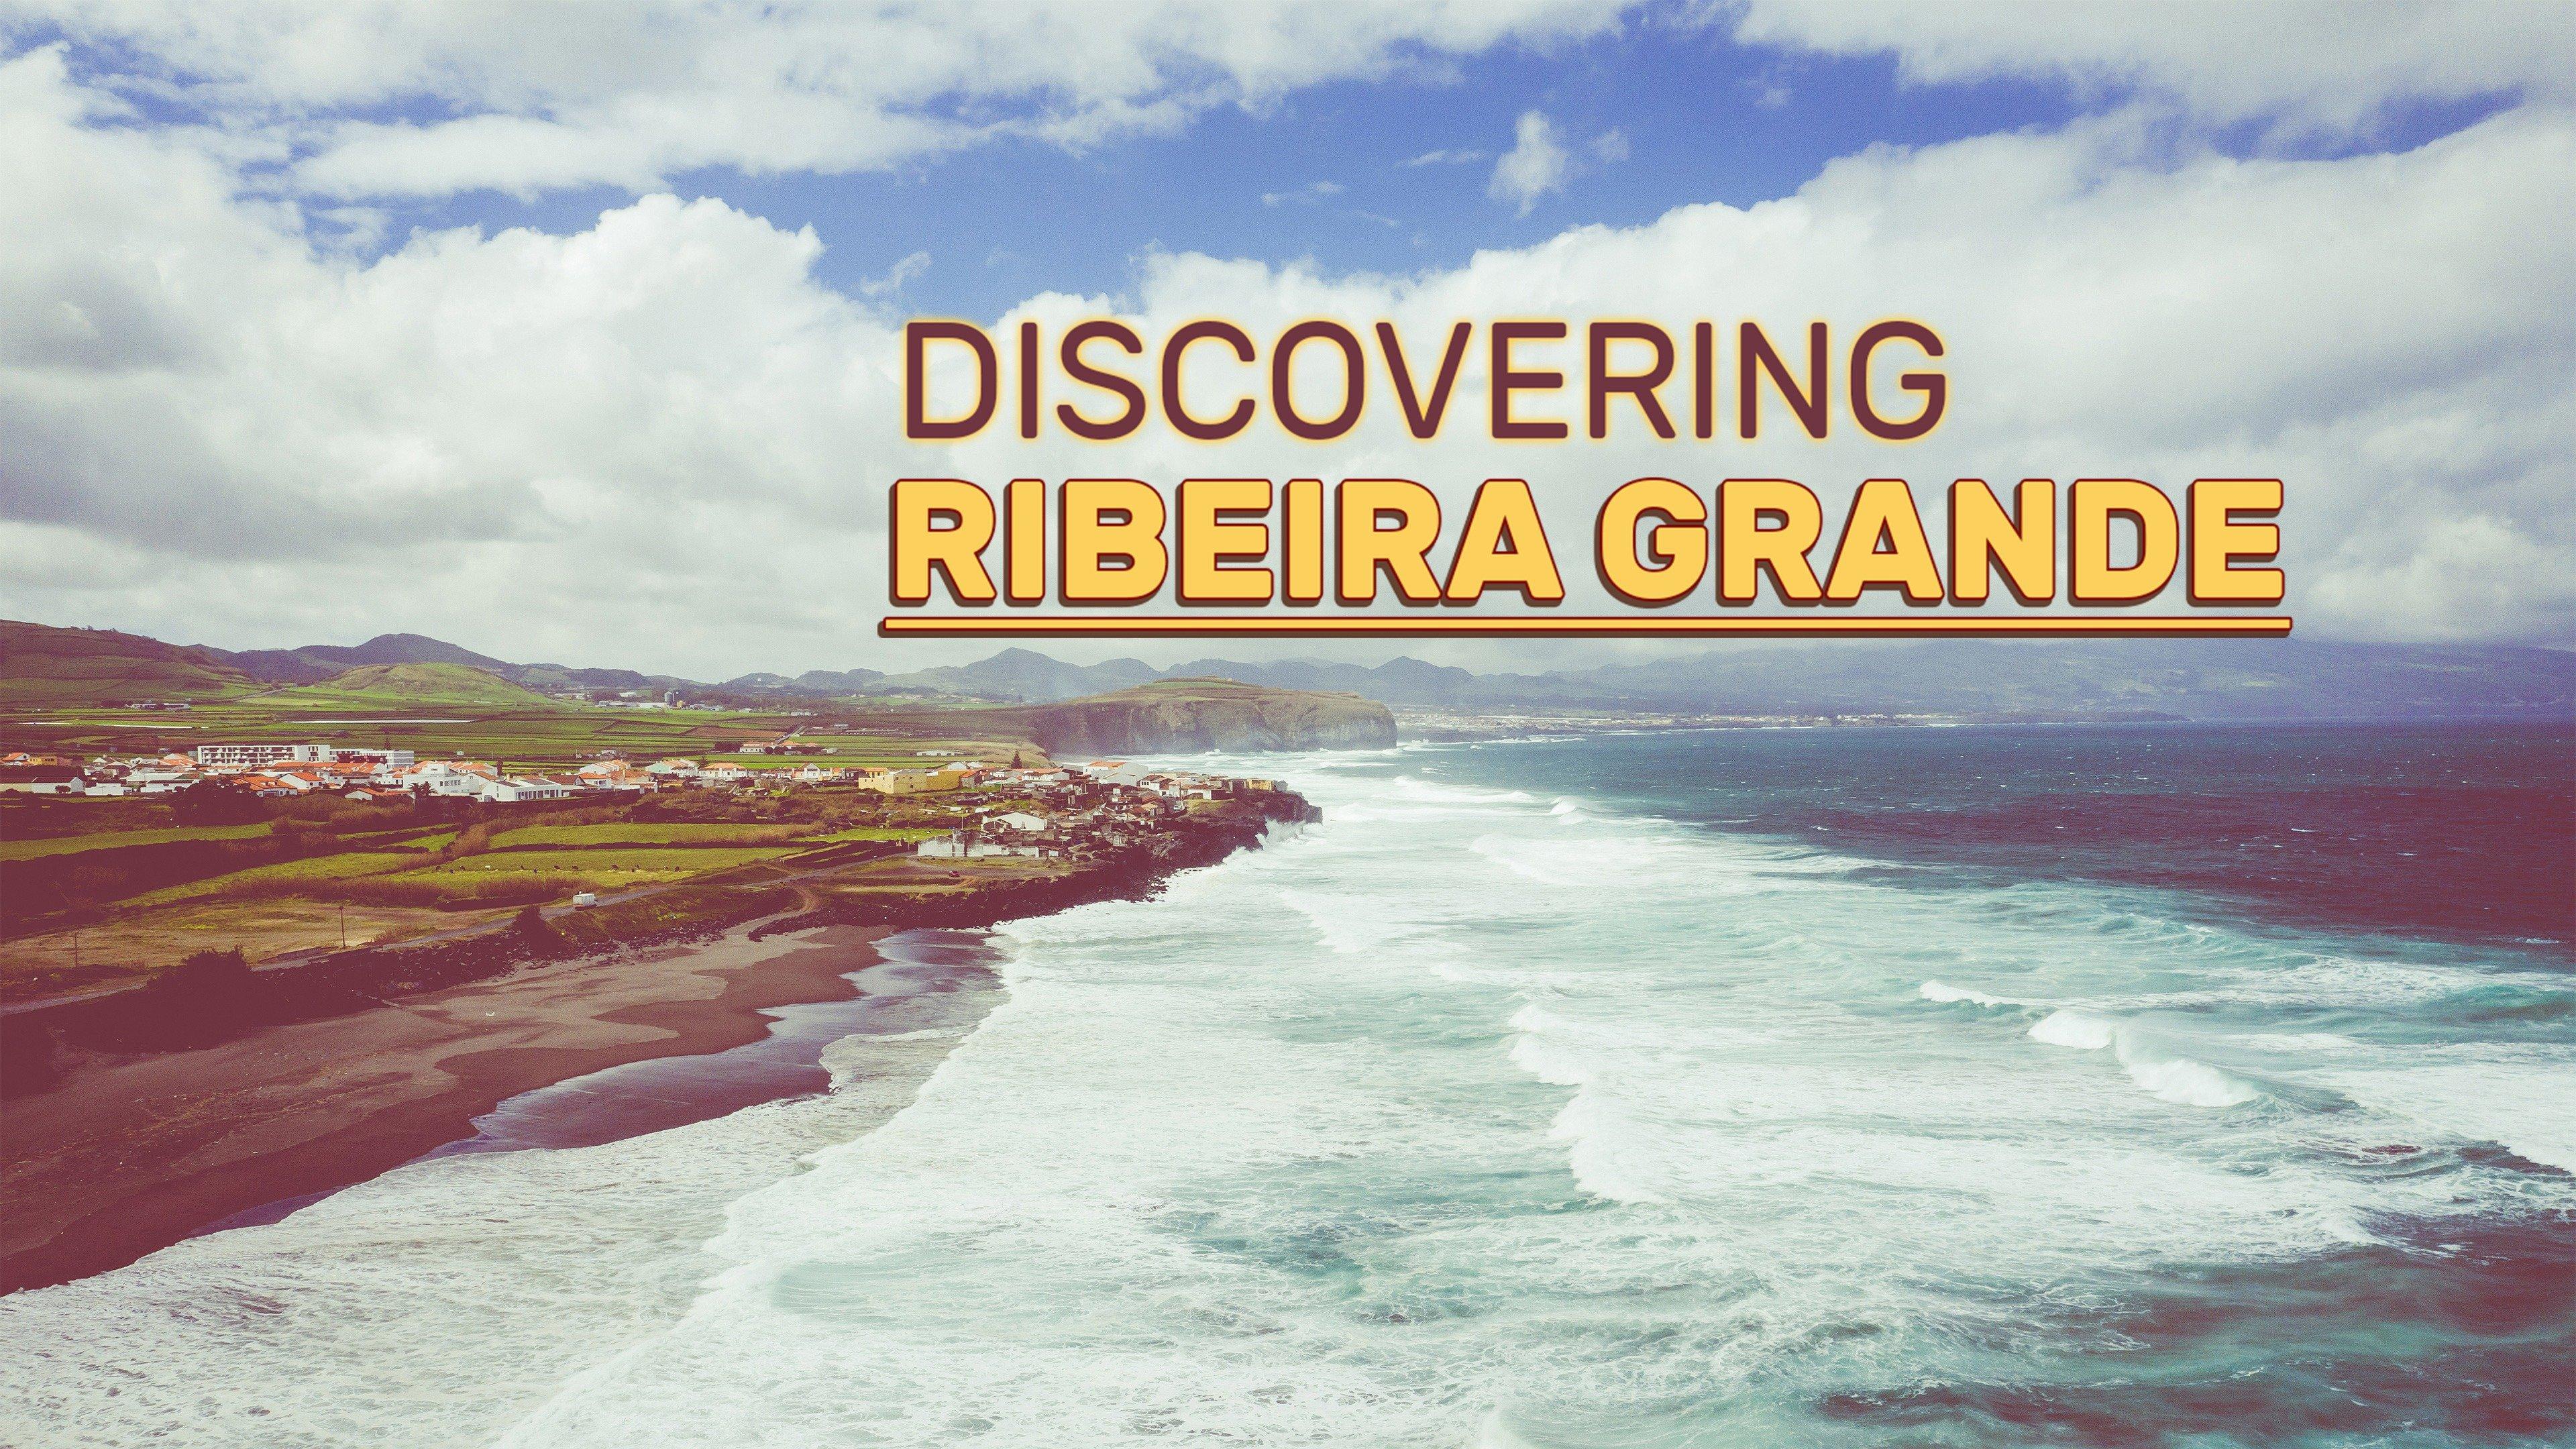 Discovering Ribeira Grande